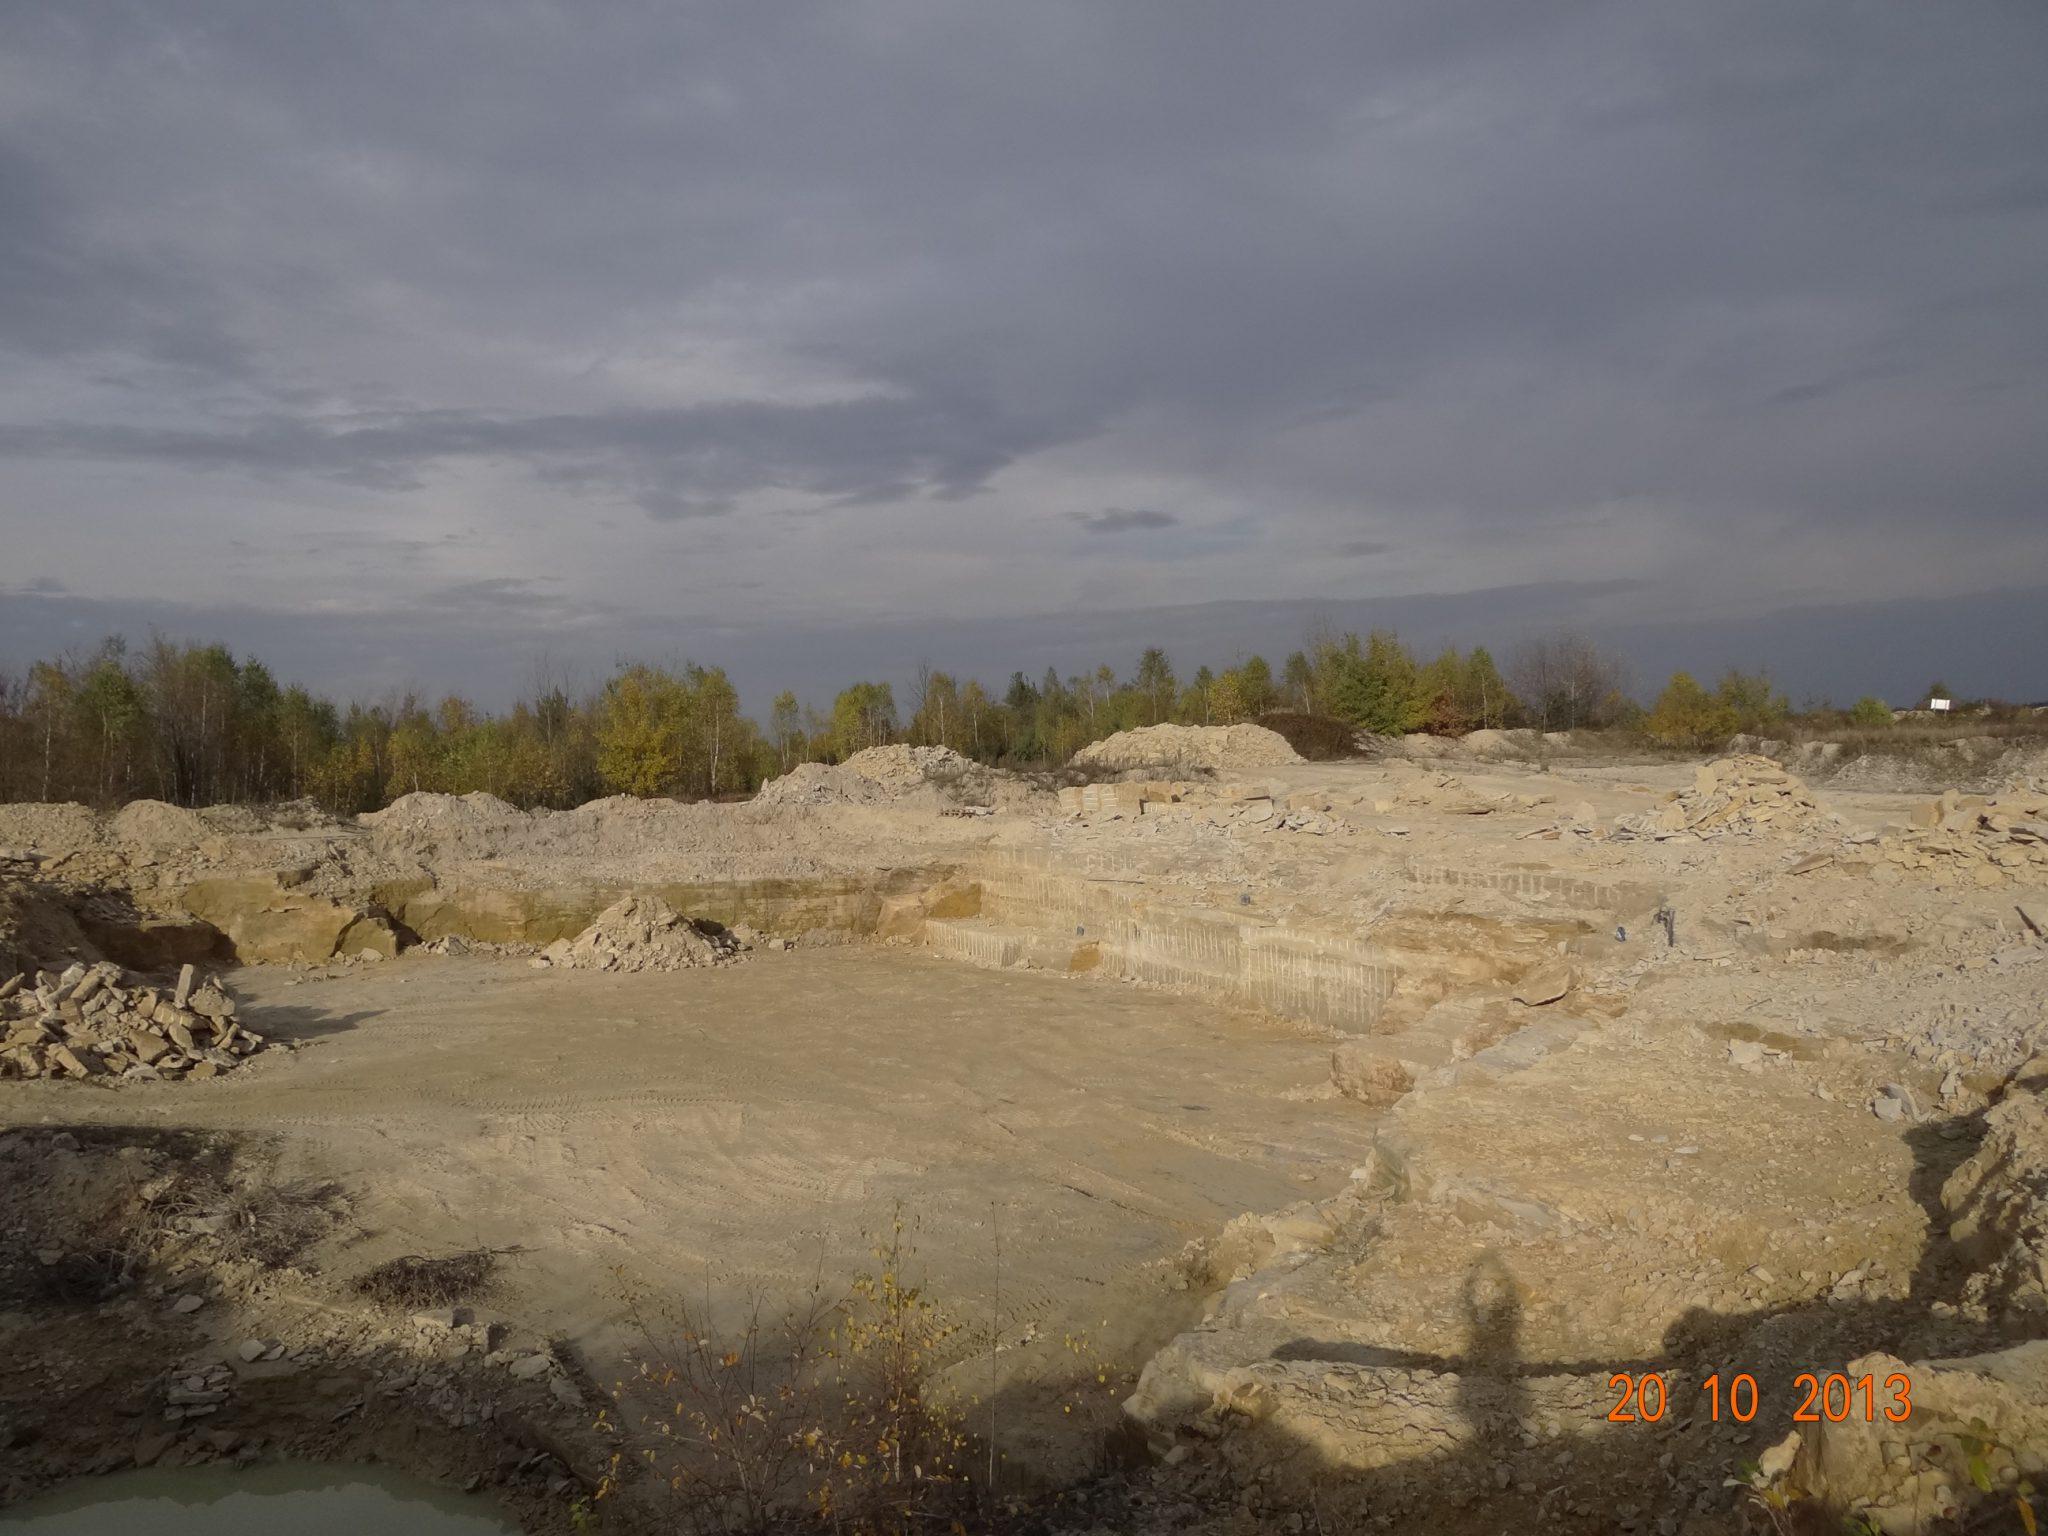 Kopalnia Kamienia, Złoże Piaskowca, Kamieniołom, Zakład Górniczy z koncesją na wydobycie